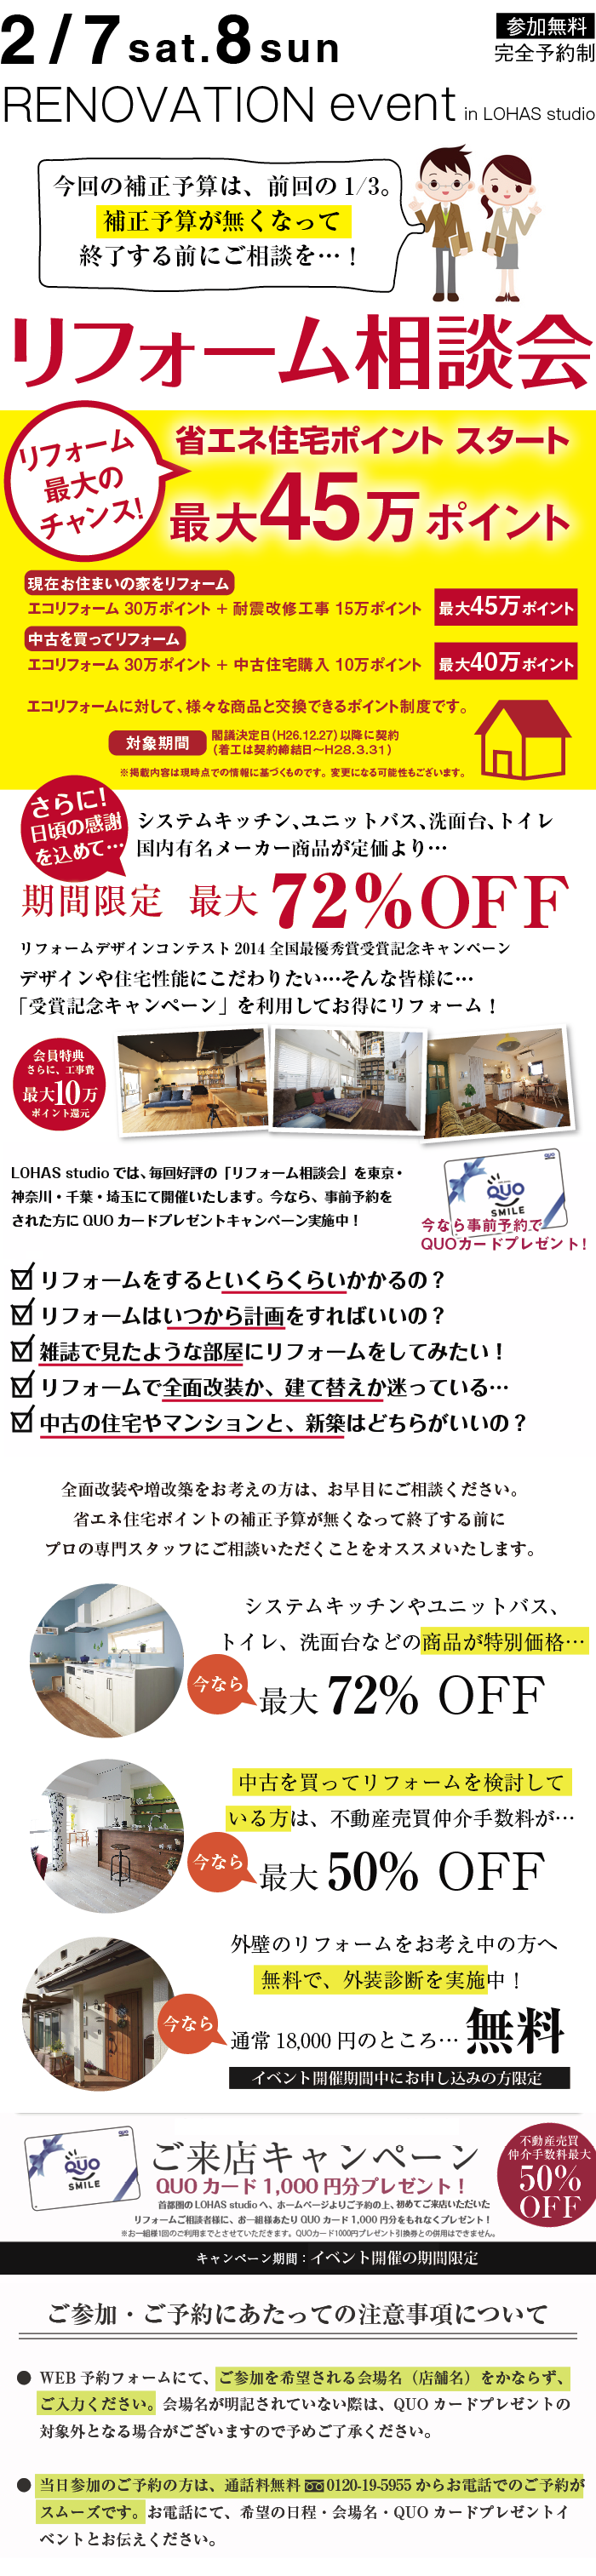 省エネ住宅ポイント相談会.png